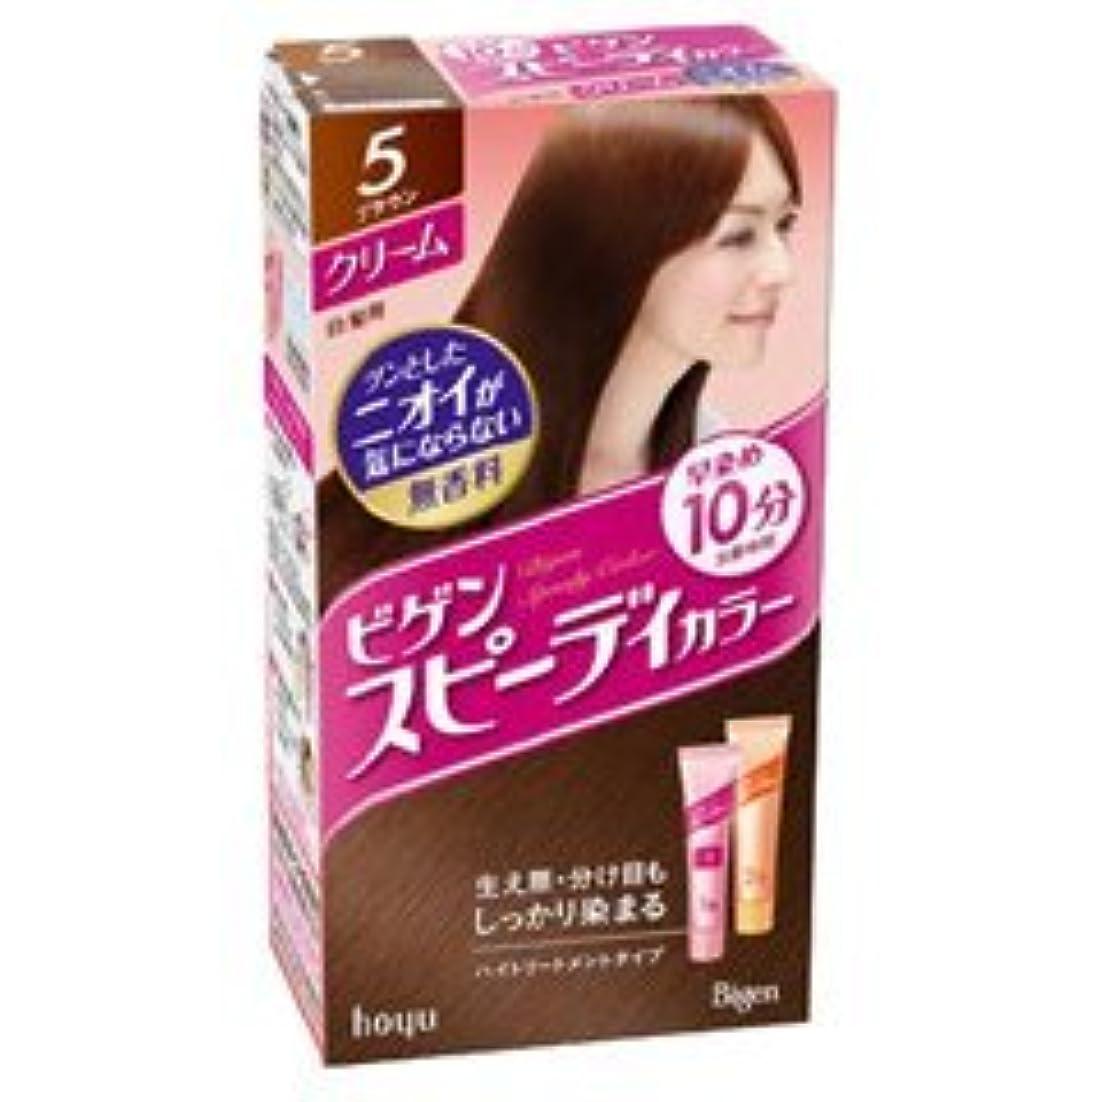 変更表面送料【ホーユー】ビゲン スピーディカラー クリーム #5 ブラウン